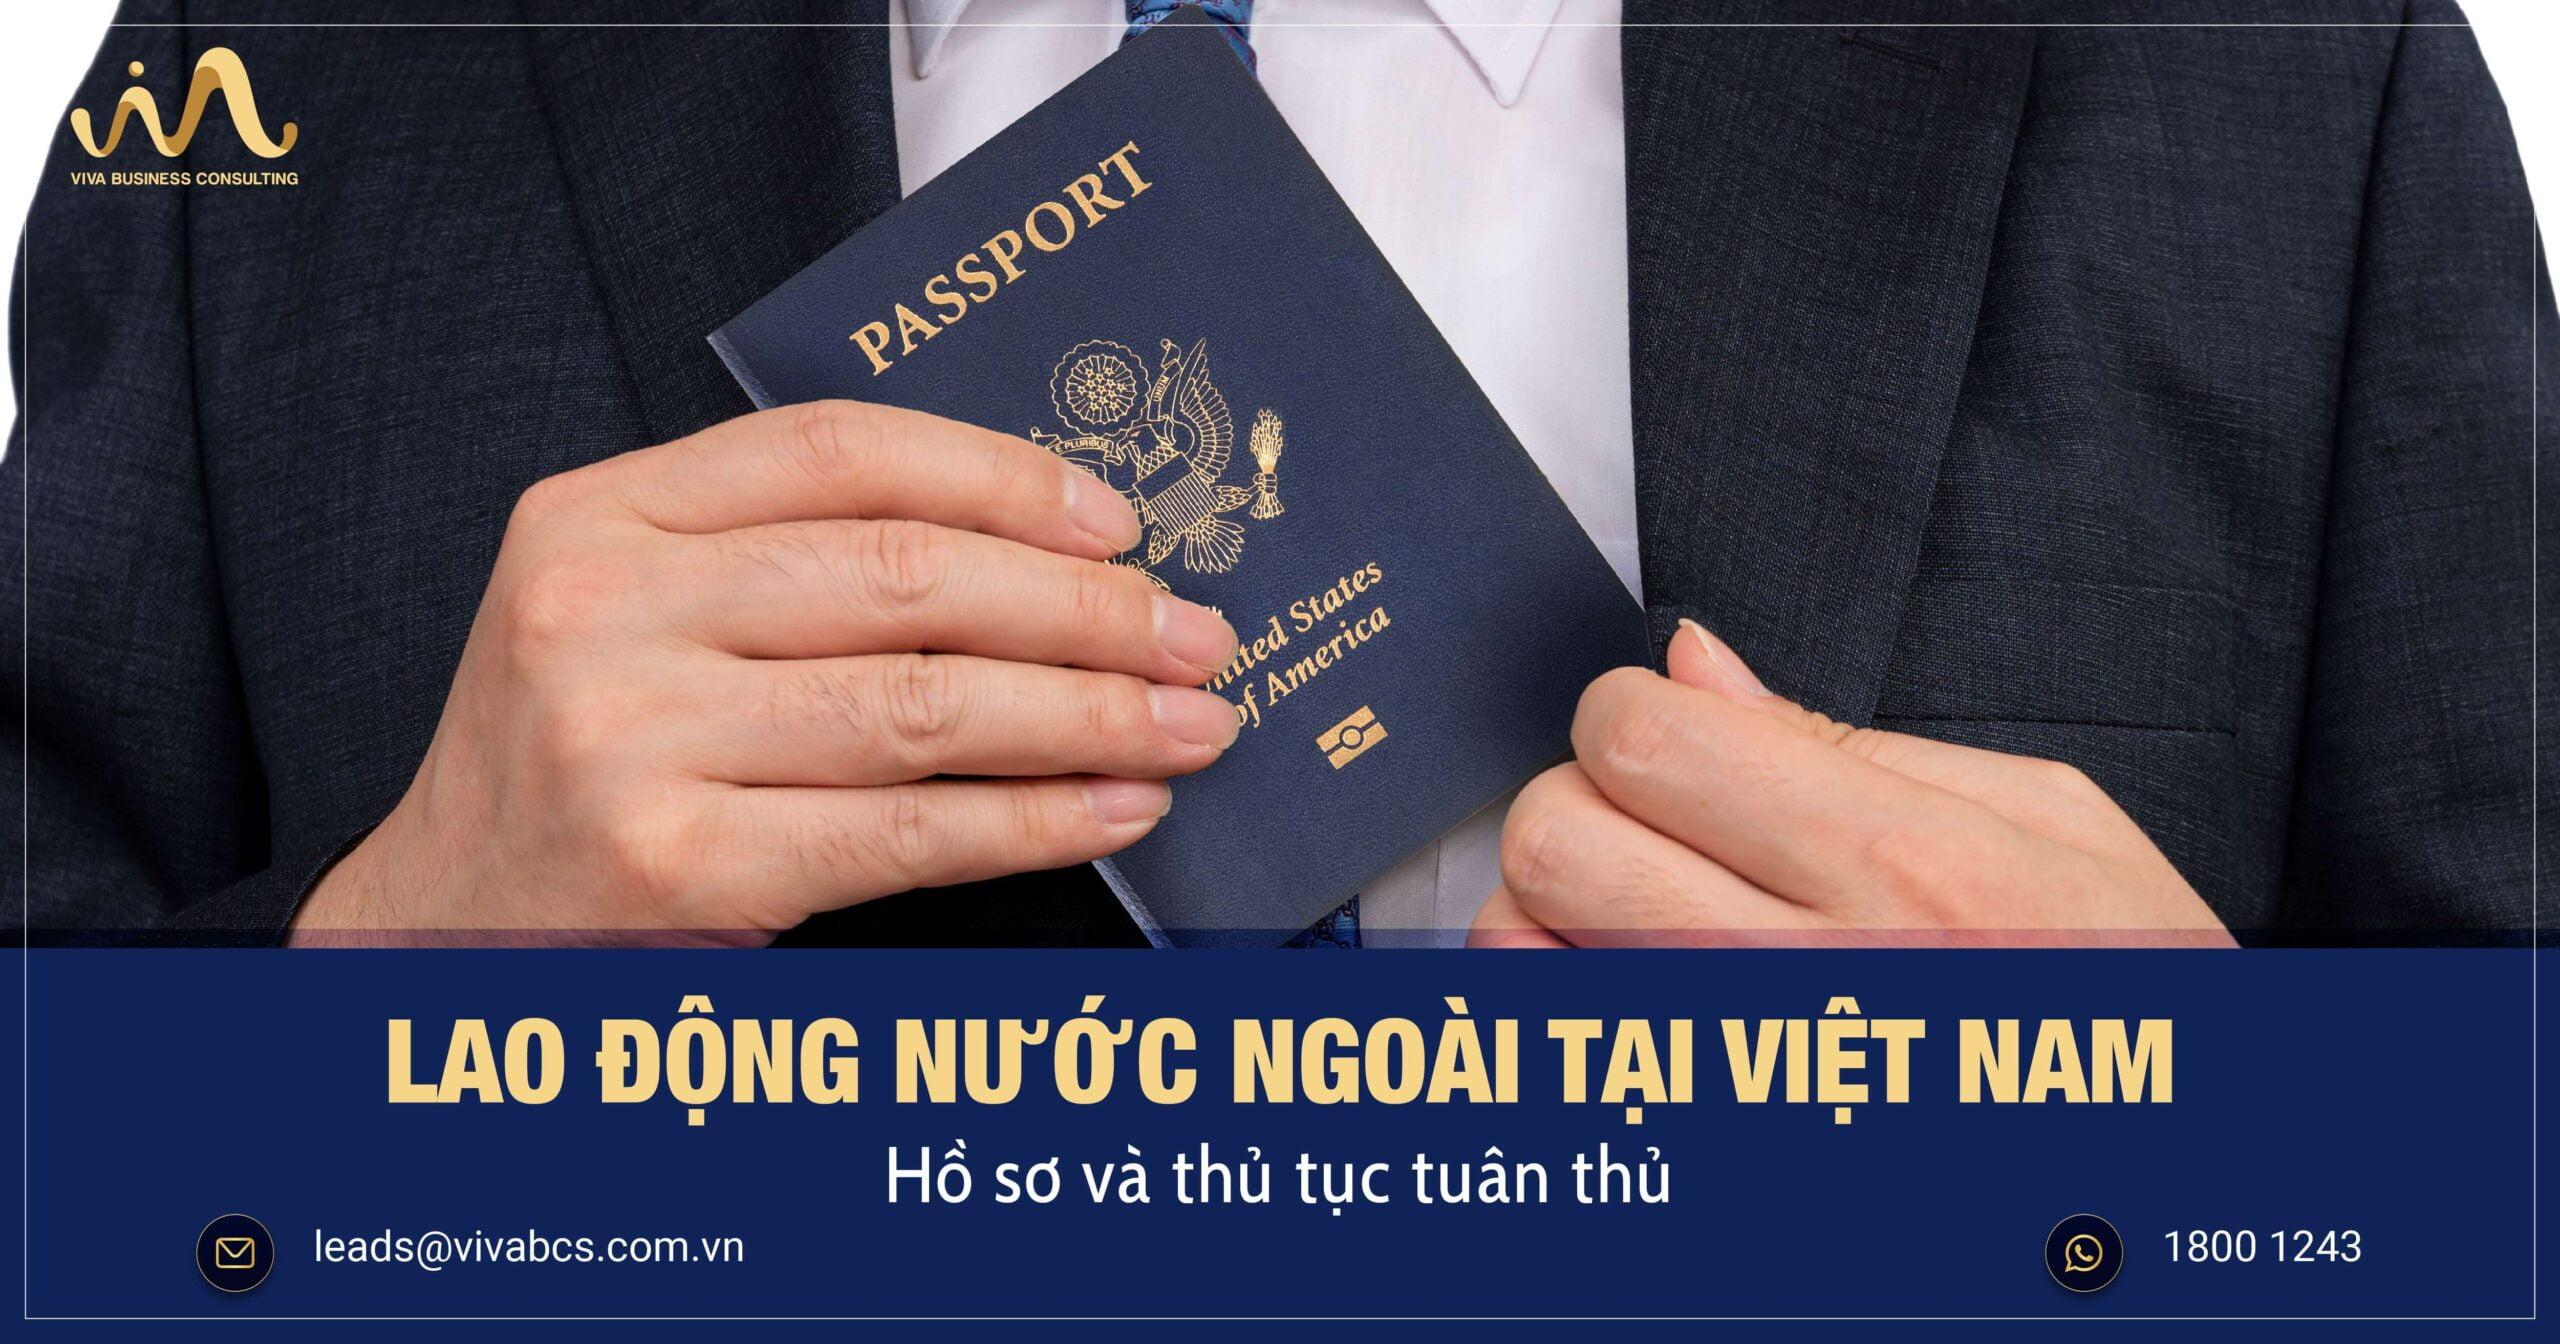 Lao động nước ngoài tại Việt Nam